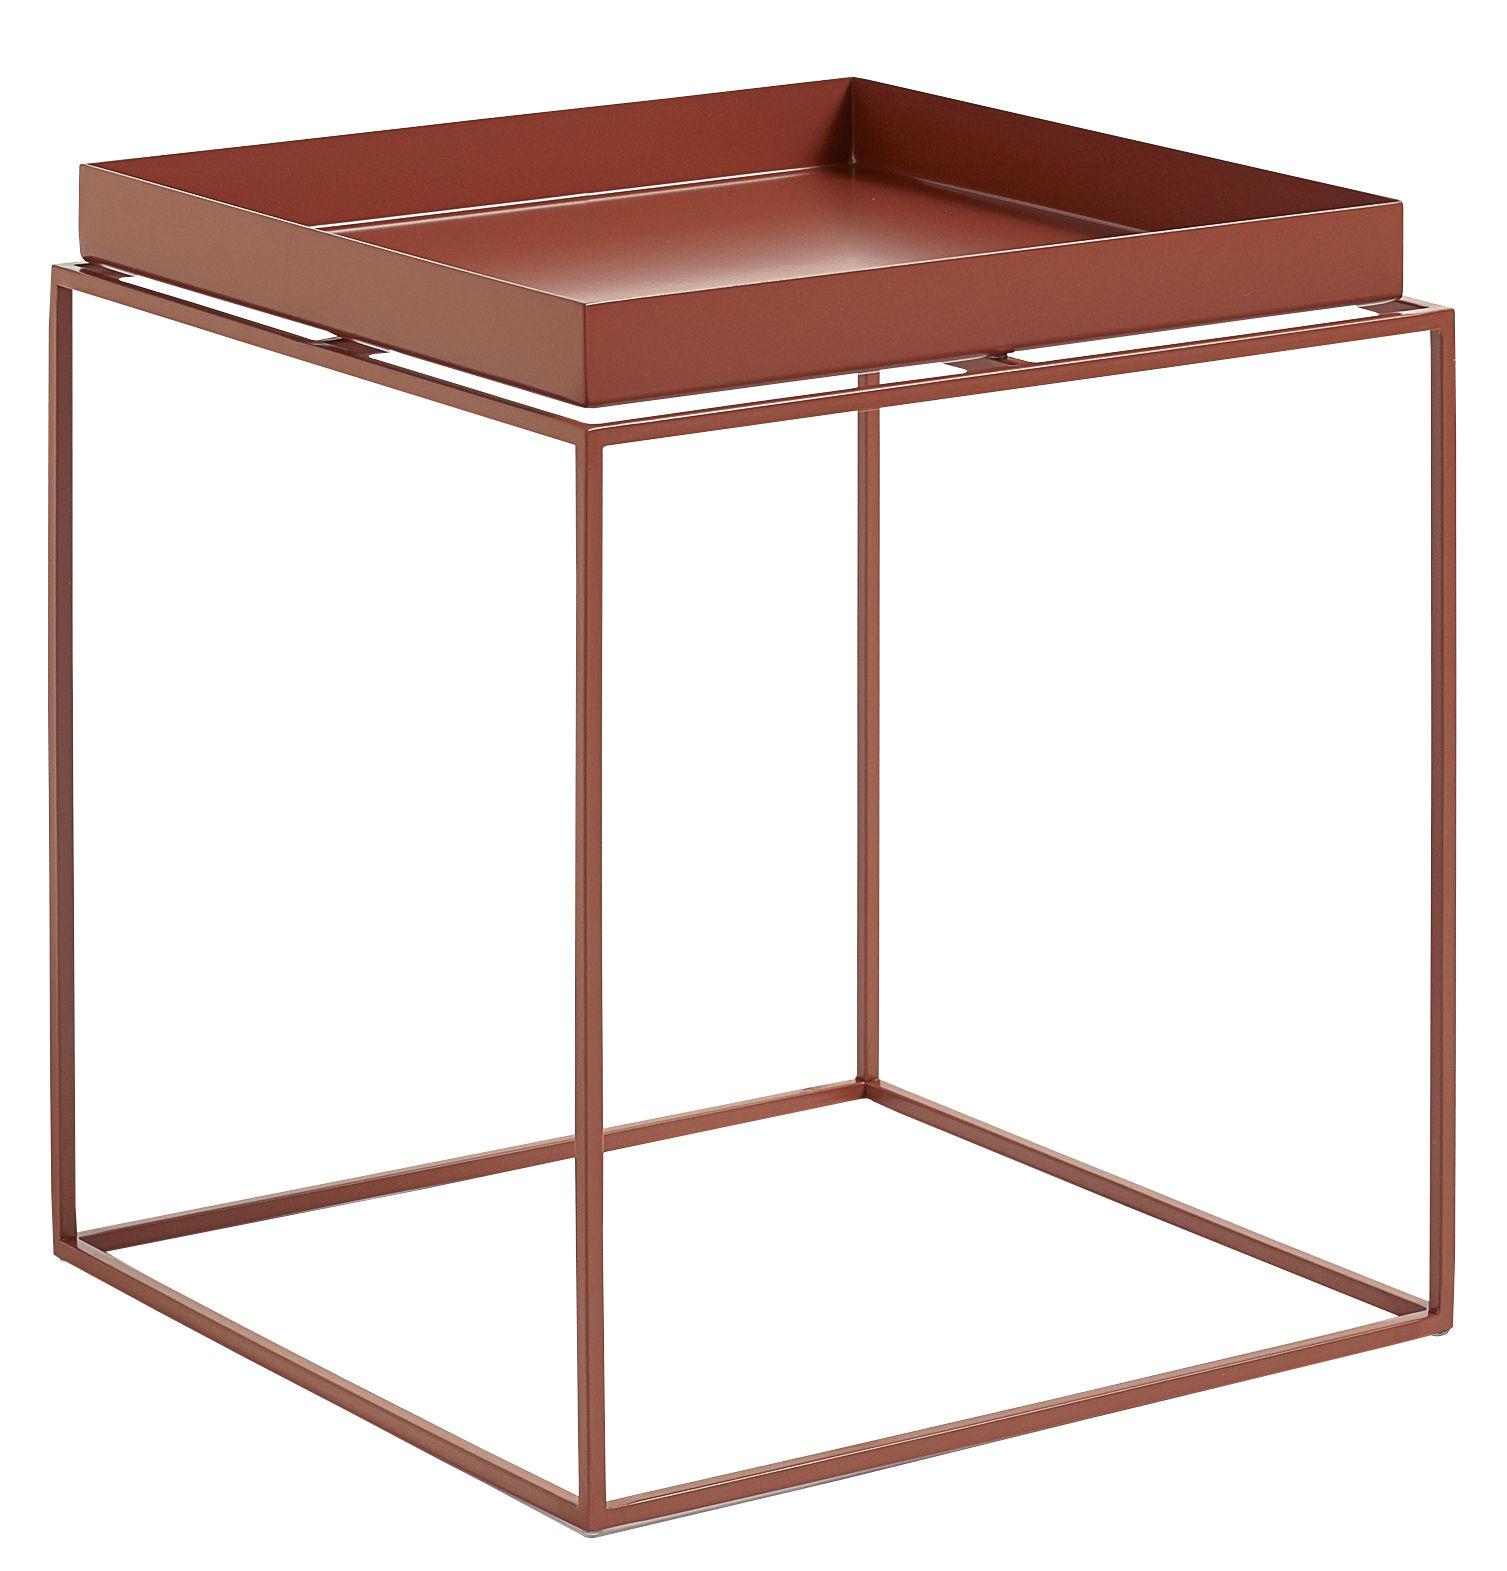 Mobilier - Tables basses - Table basse Tray H 40 cm / 40 x 40 cm - Carré - Hay - Rouge - Acier laqué